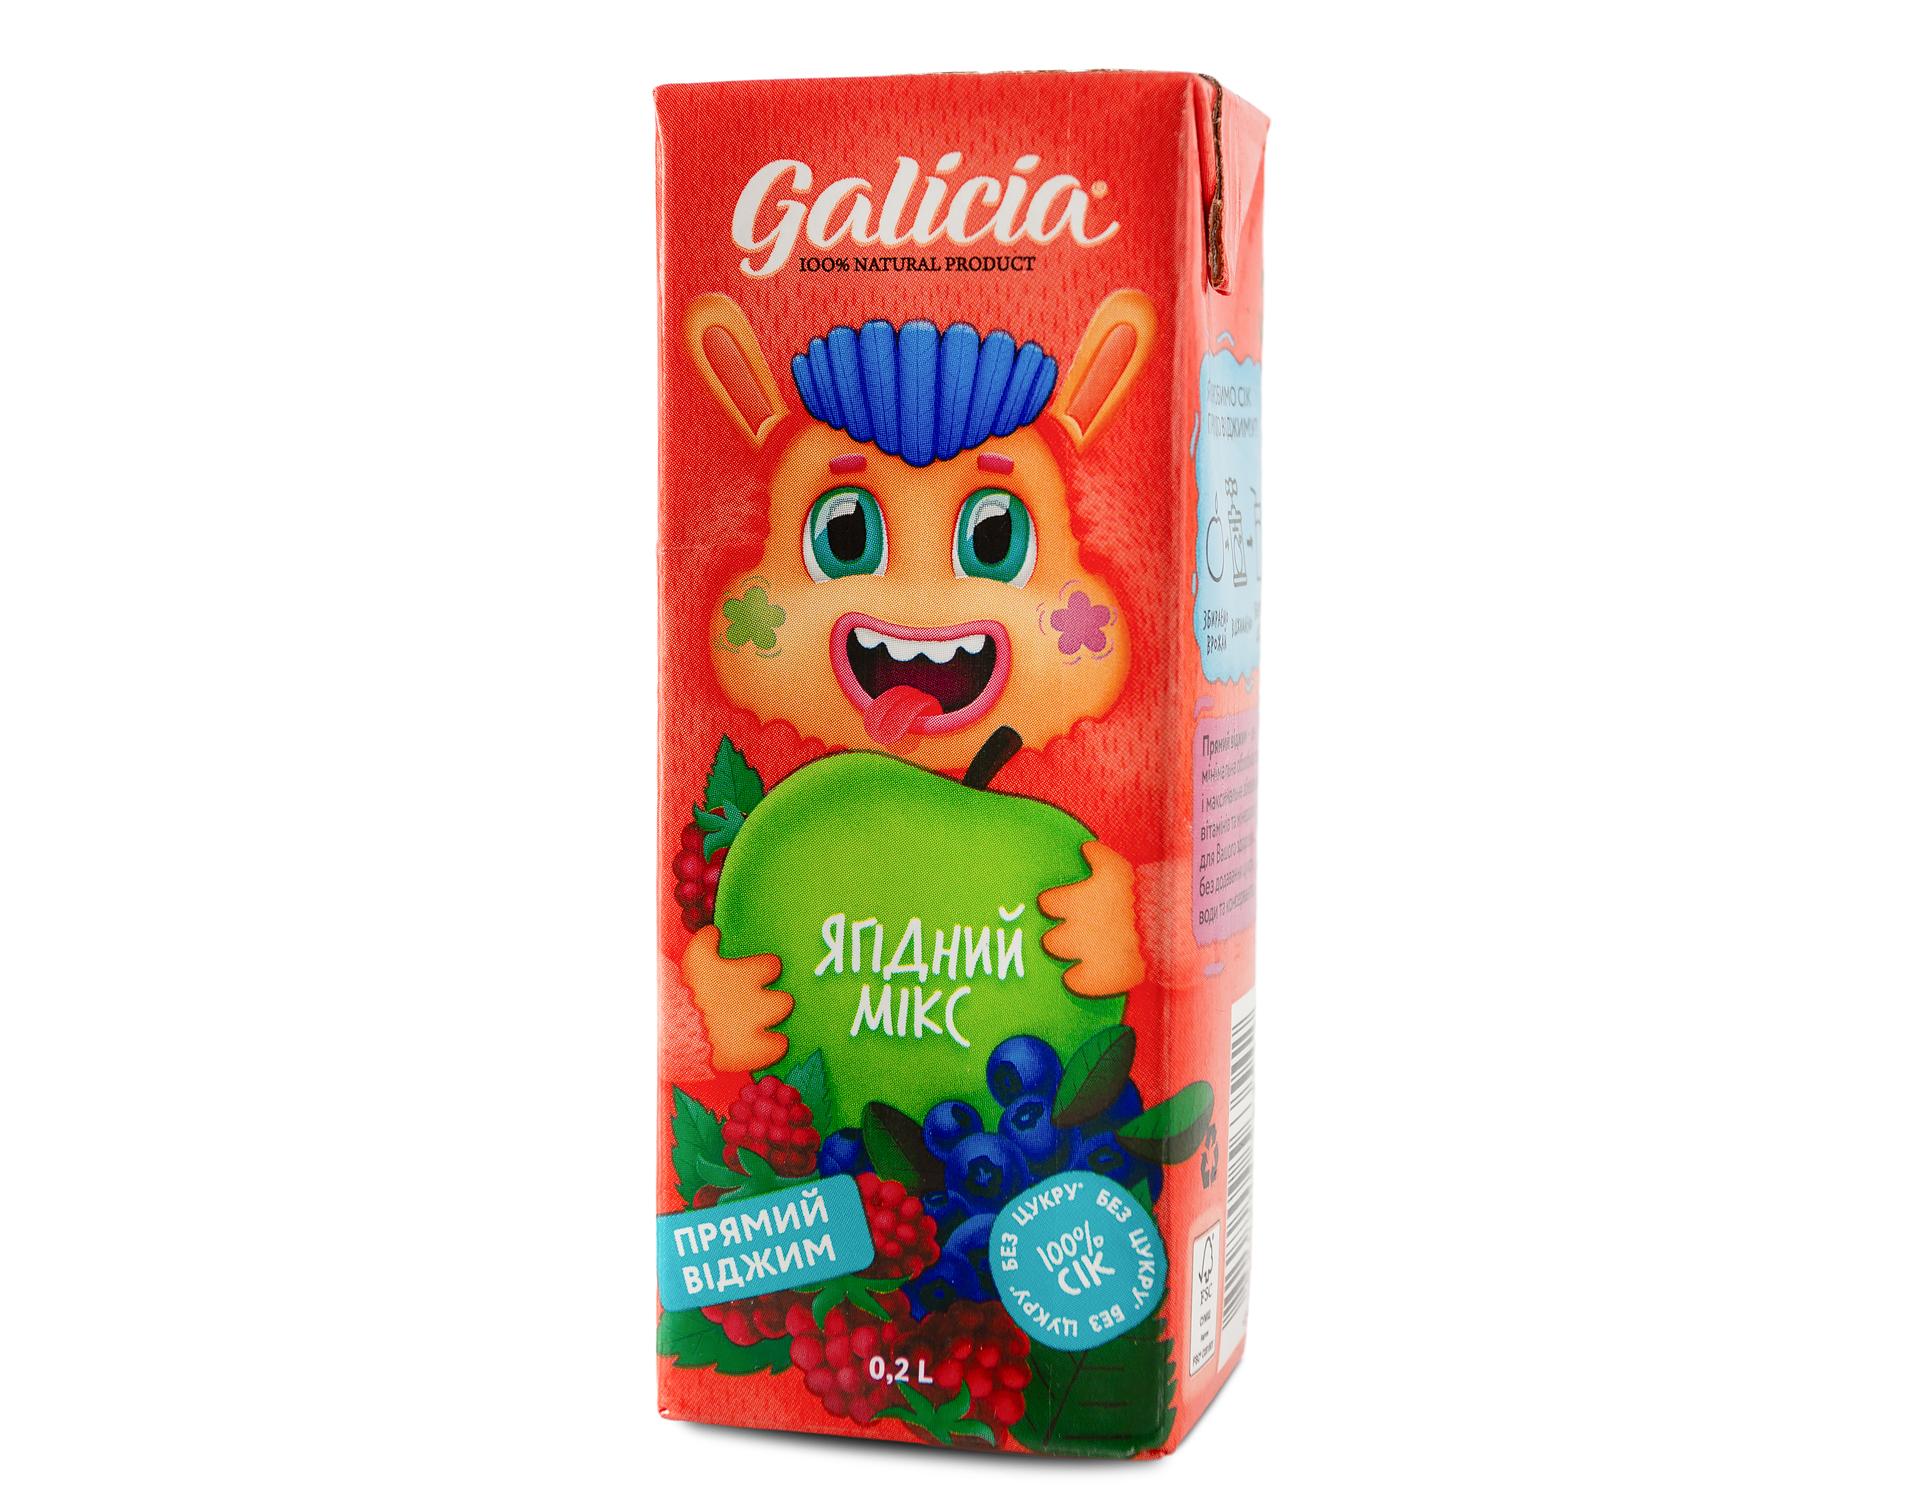 Сок Galicia ягодный микс  200мл